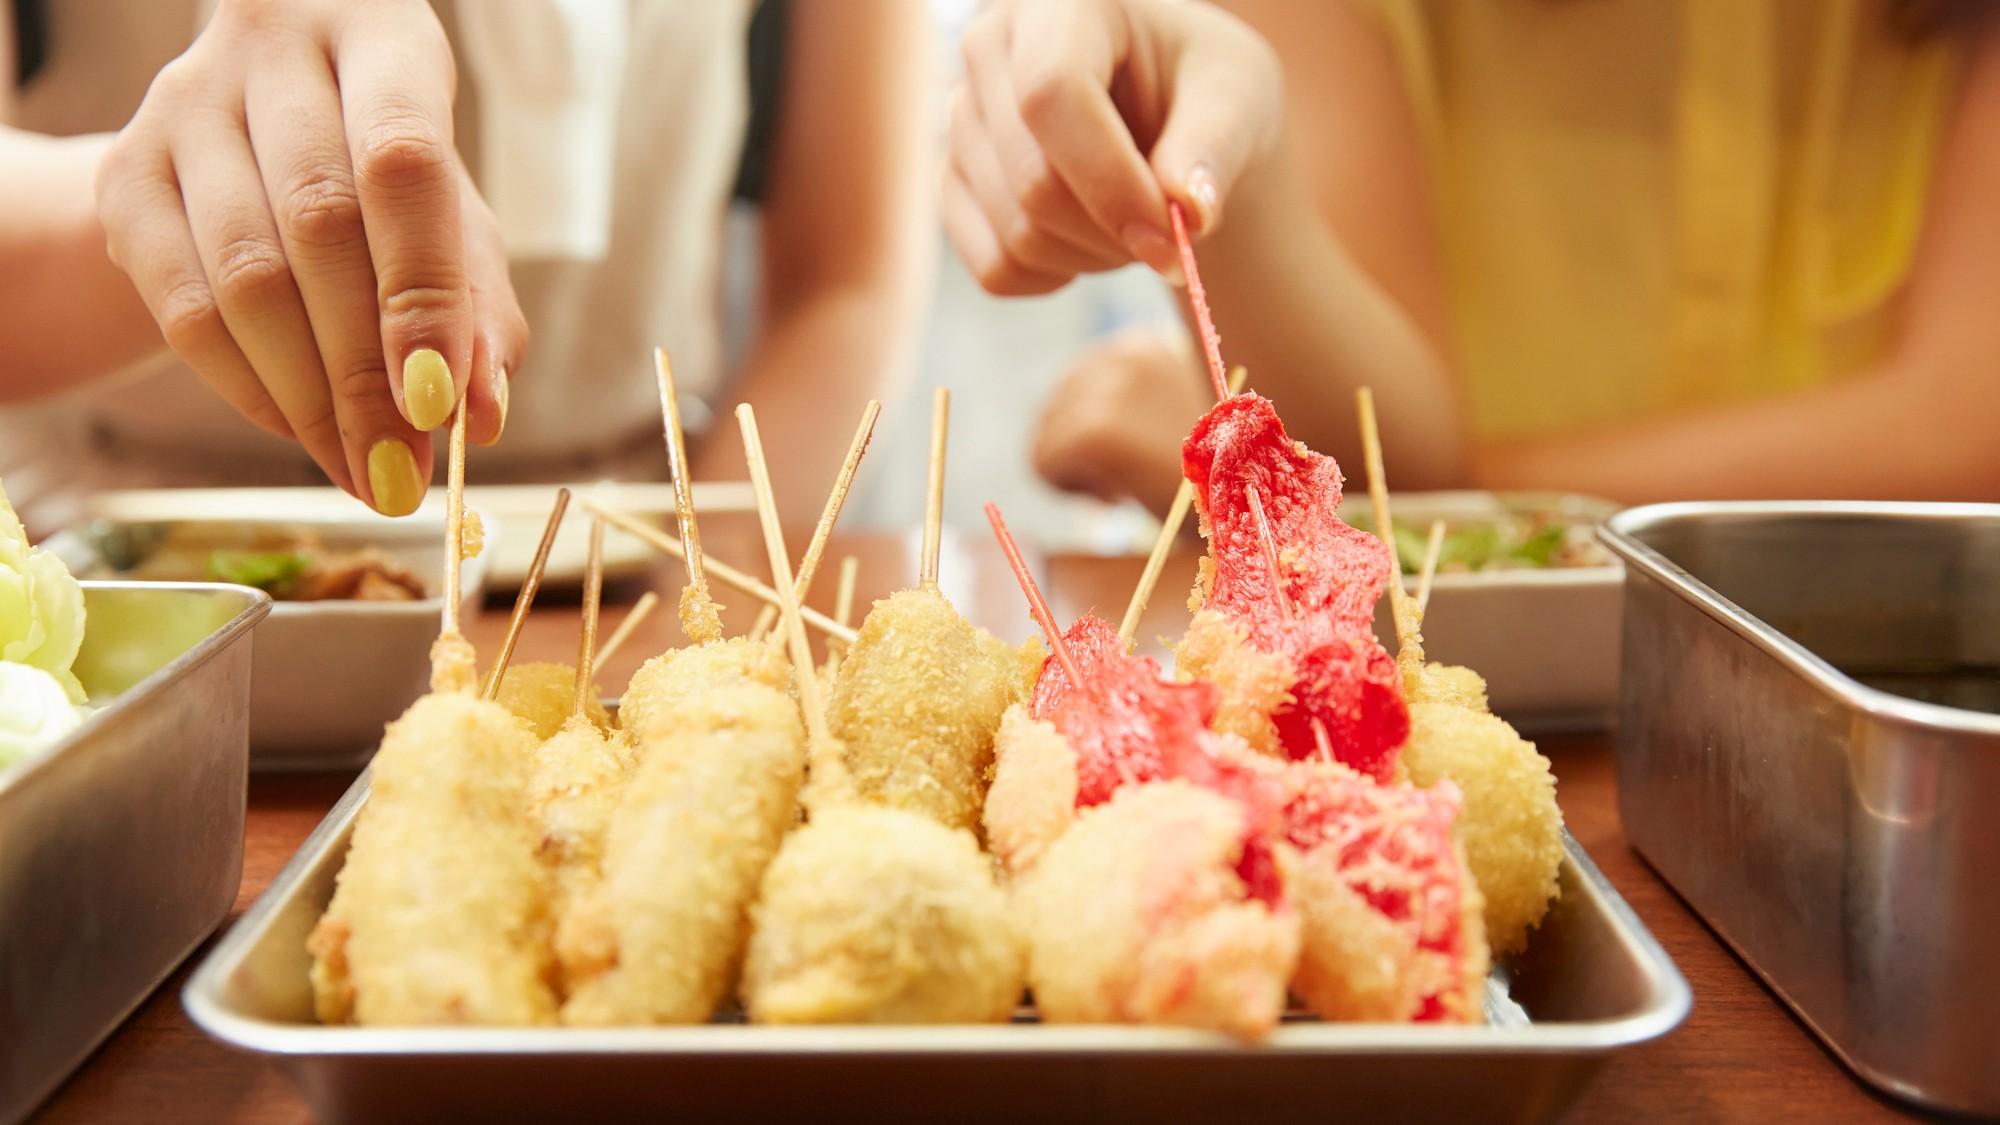 プロが作る「揚げ物」では血糖値は上がらない…その理由は?